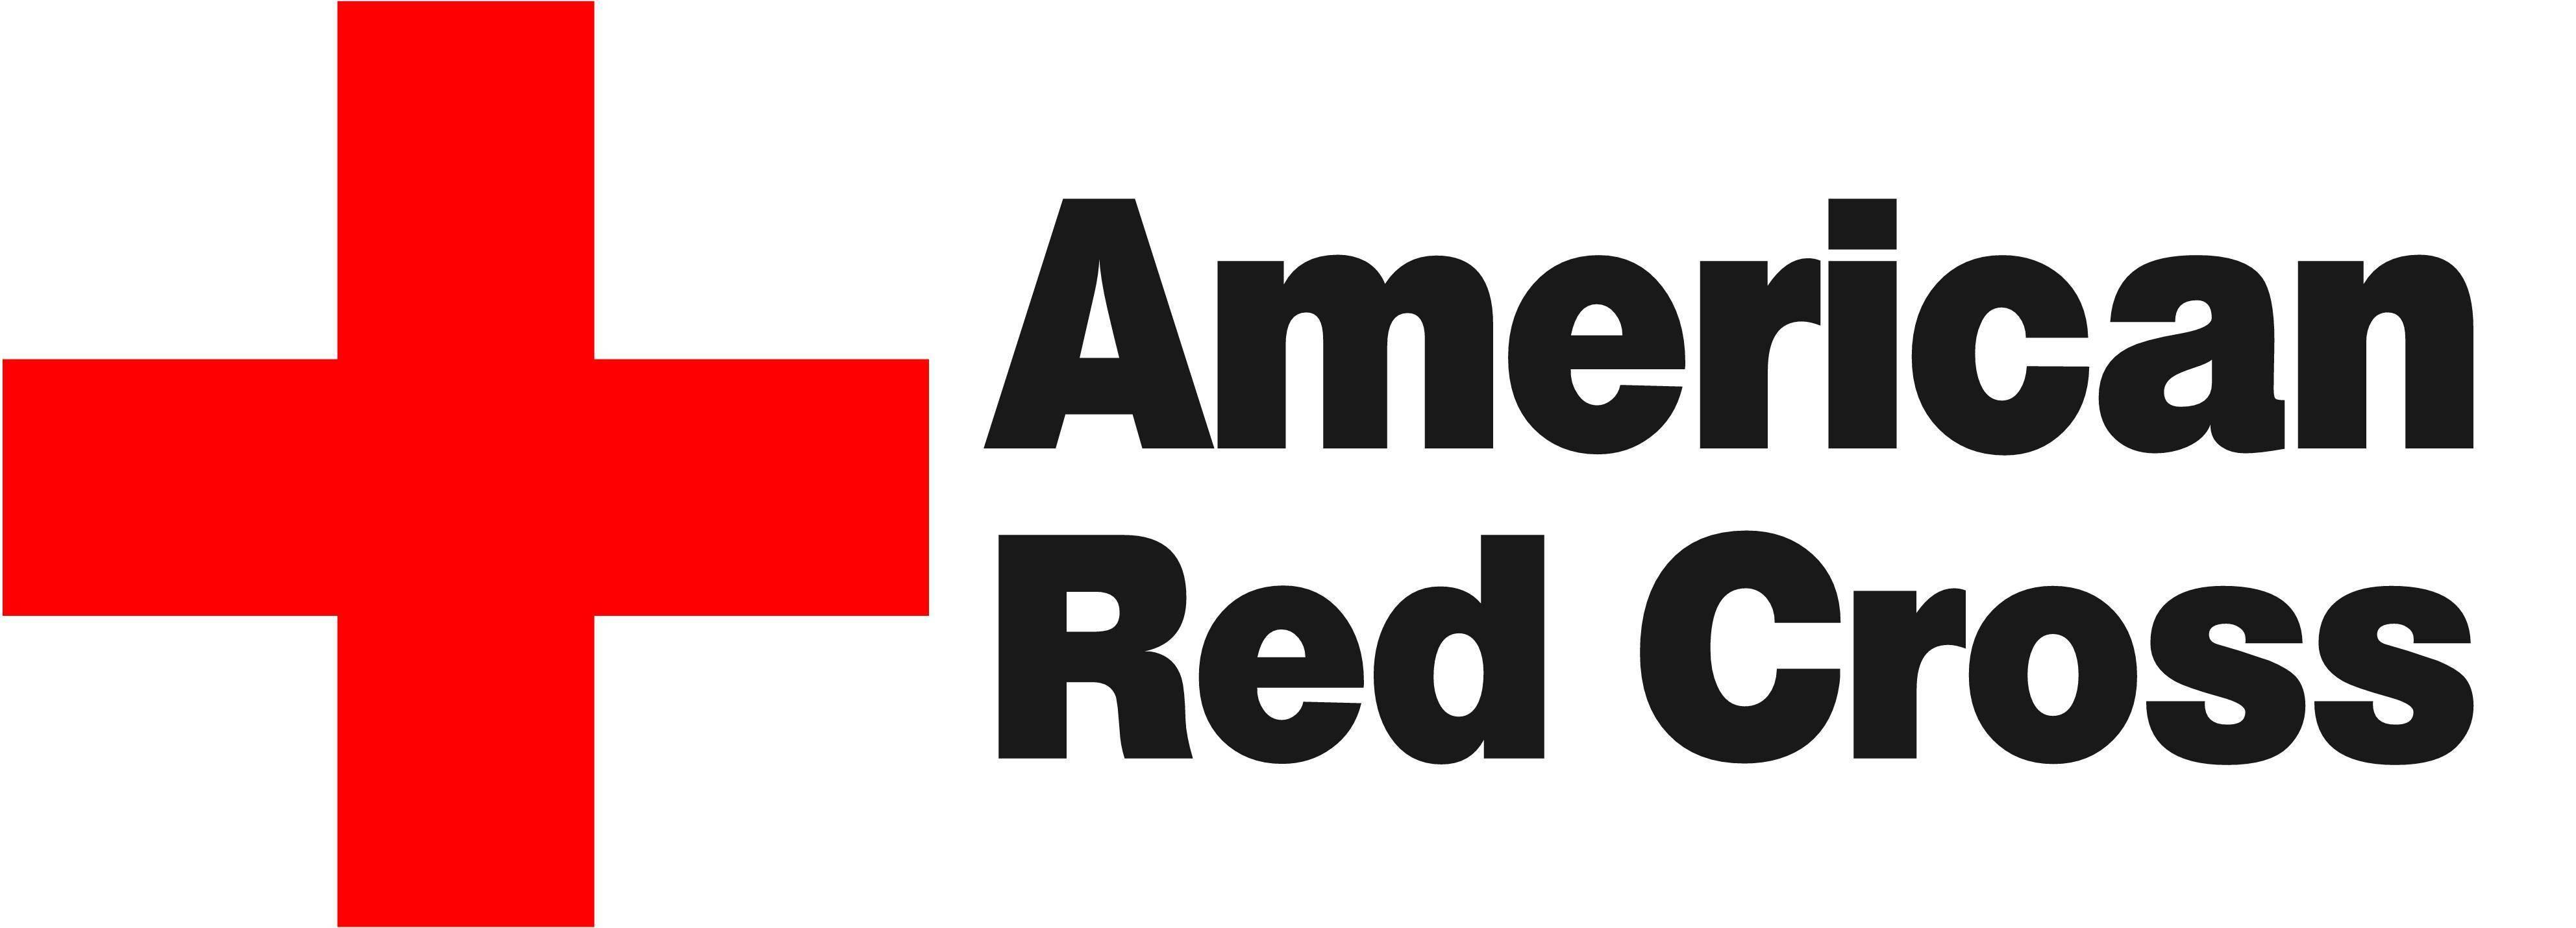 8d1c52ebf6da6109fe20_American-Red-Cross.jpg